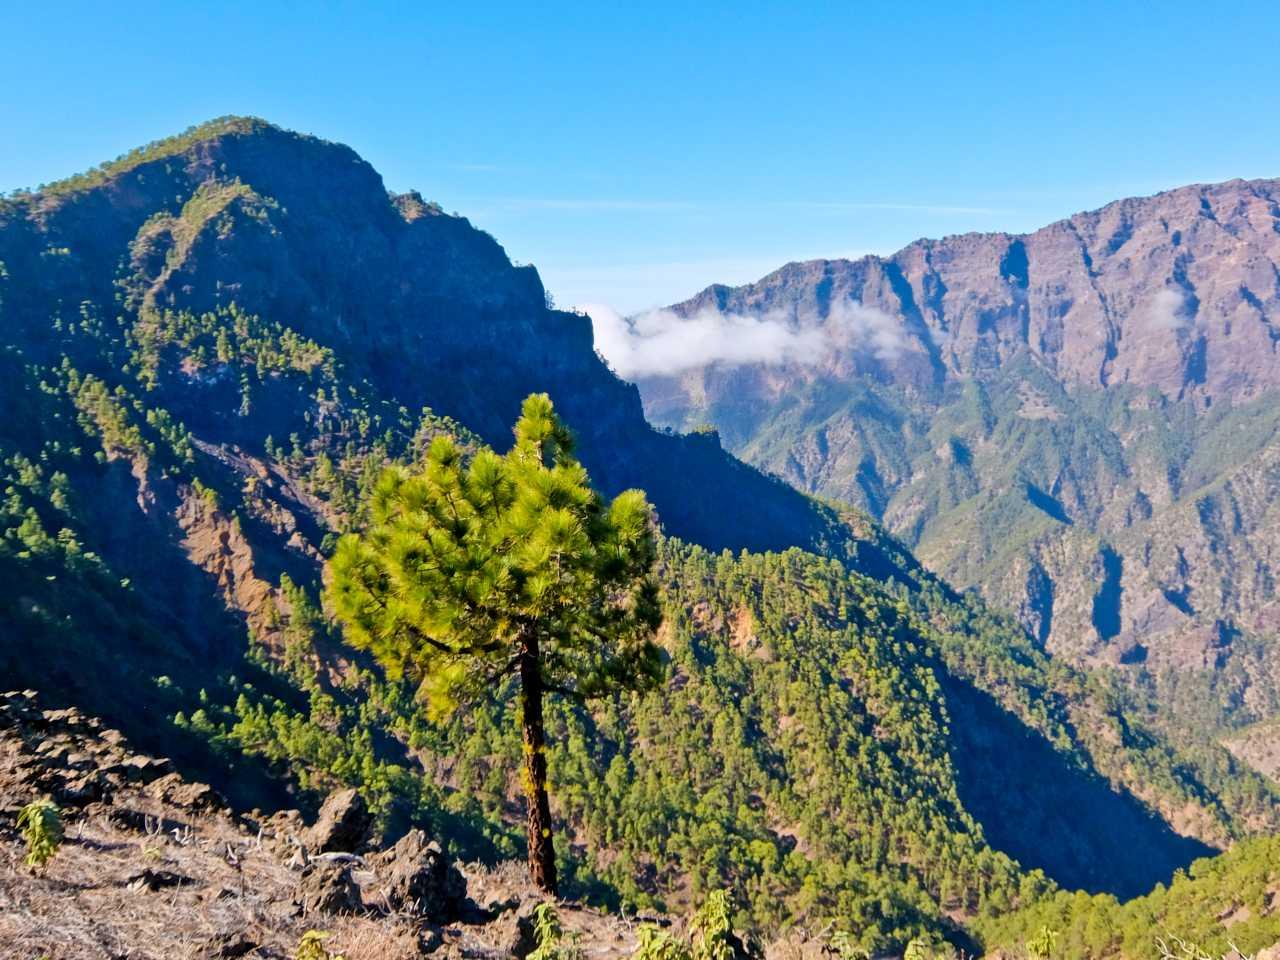 Pico Bejanado and Caldera, La Palma